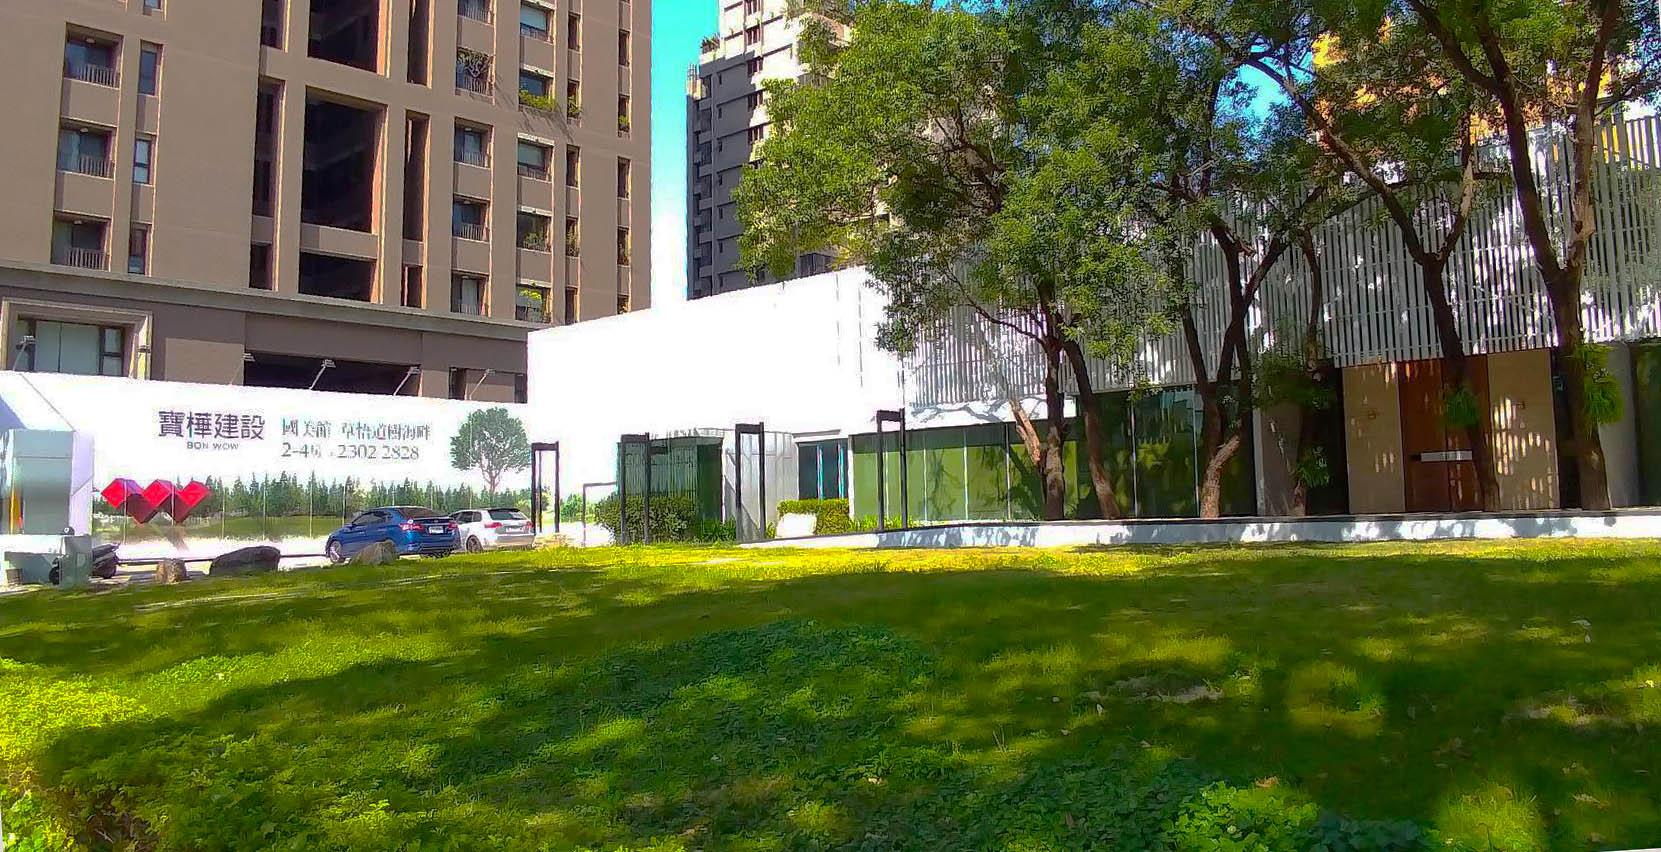 圖片:建案搶先看 |  台中西區大樓 寶樺境美術 寶樺建設 再度回歸國美館特區 未公開 已轟動